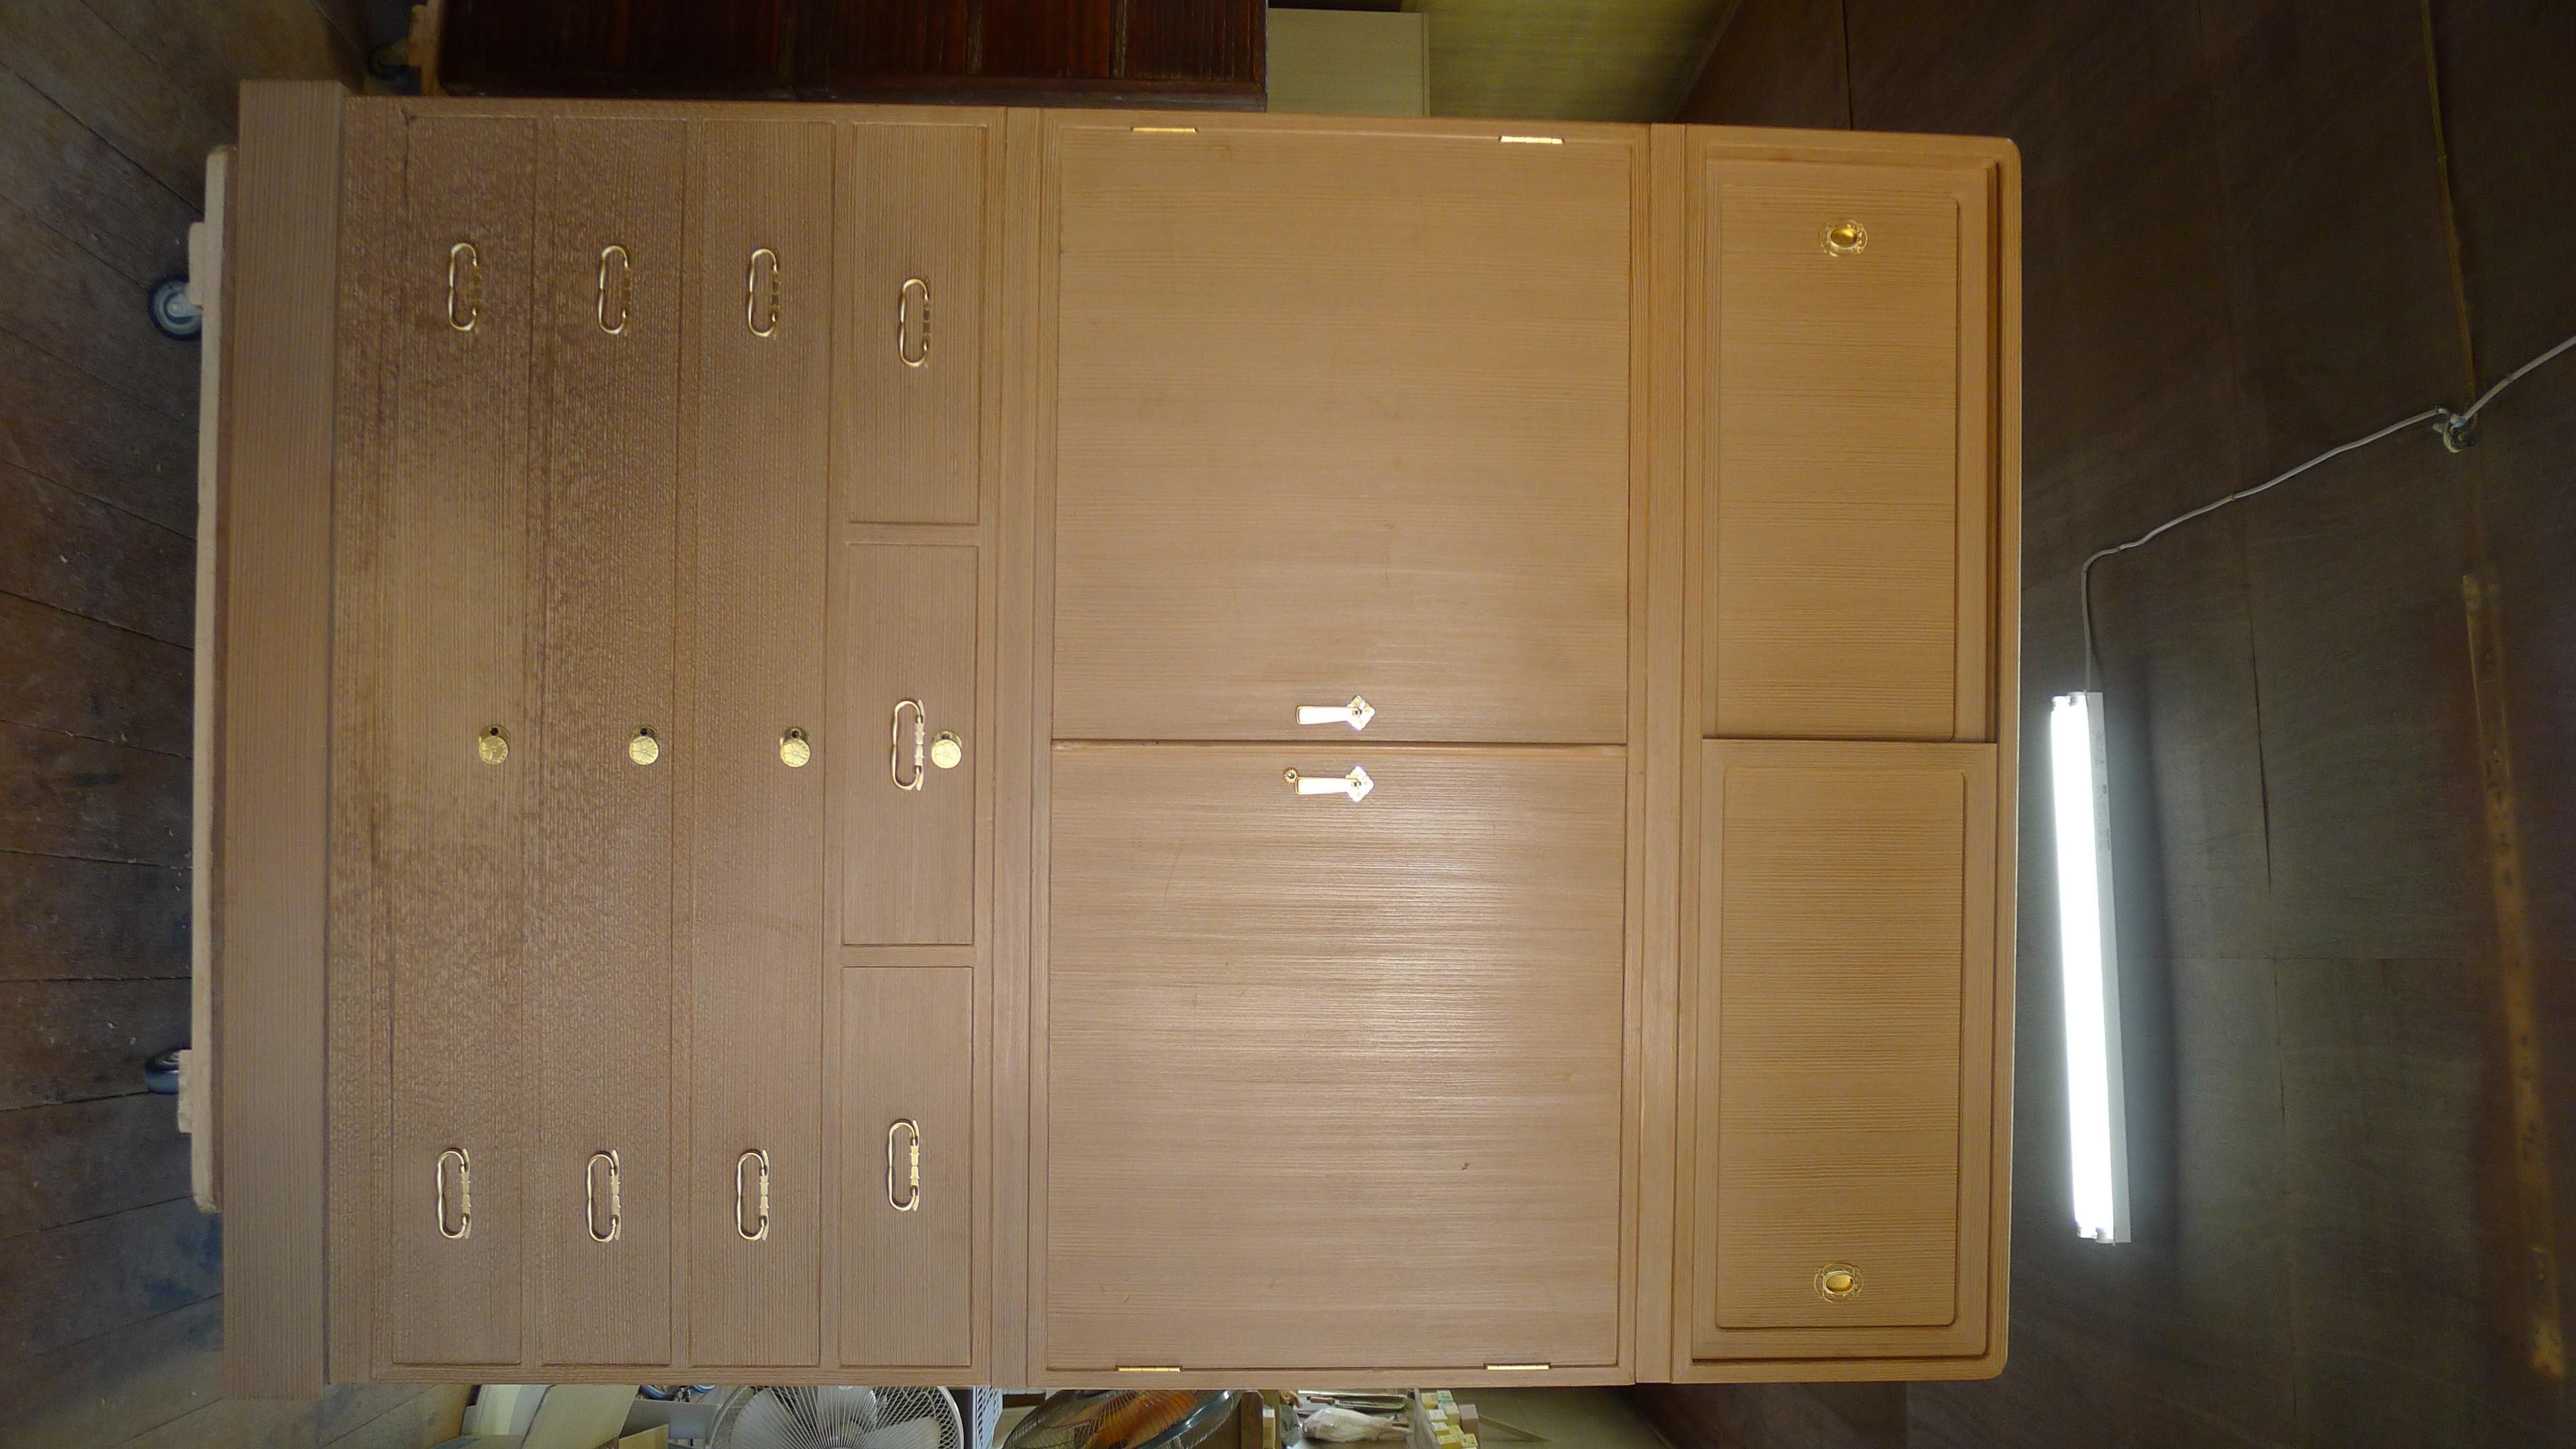 堺市のM様からのご依頼の桐の松山製の総桐三つ重ね衣装箪笥の洗い修理をさせていただきました。